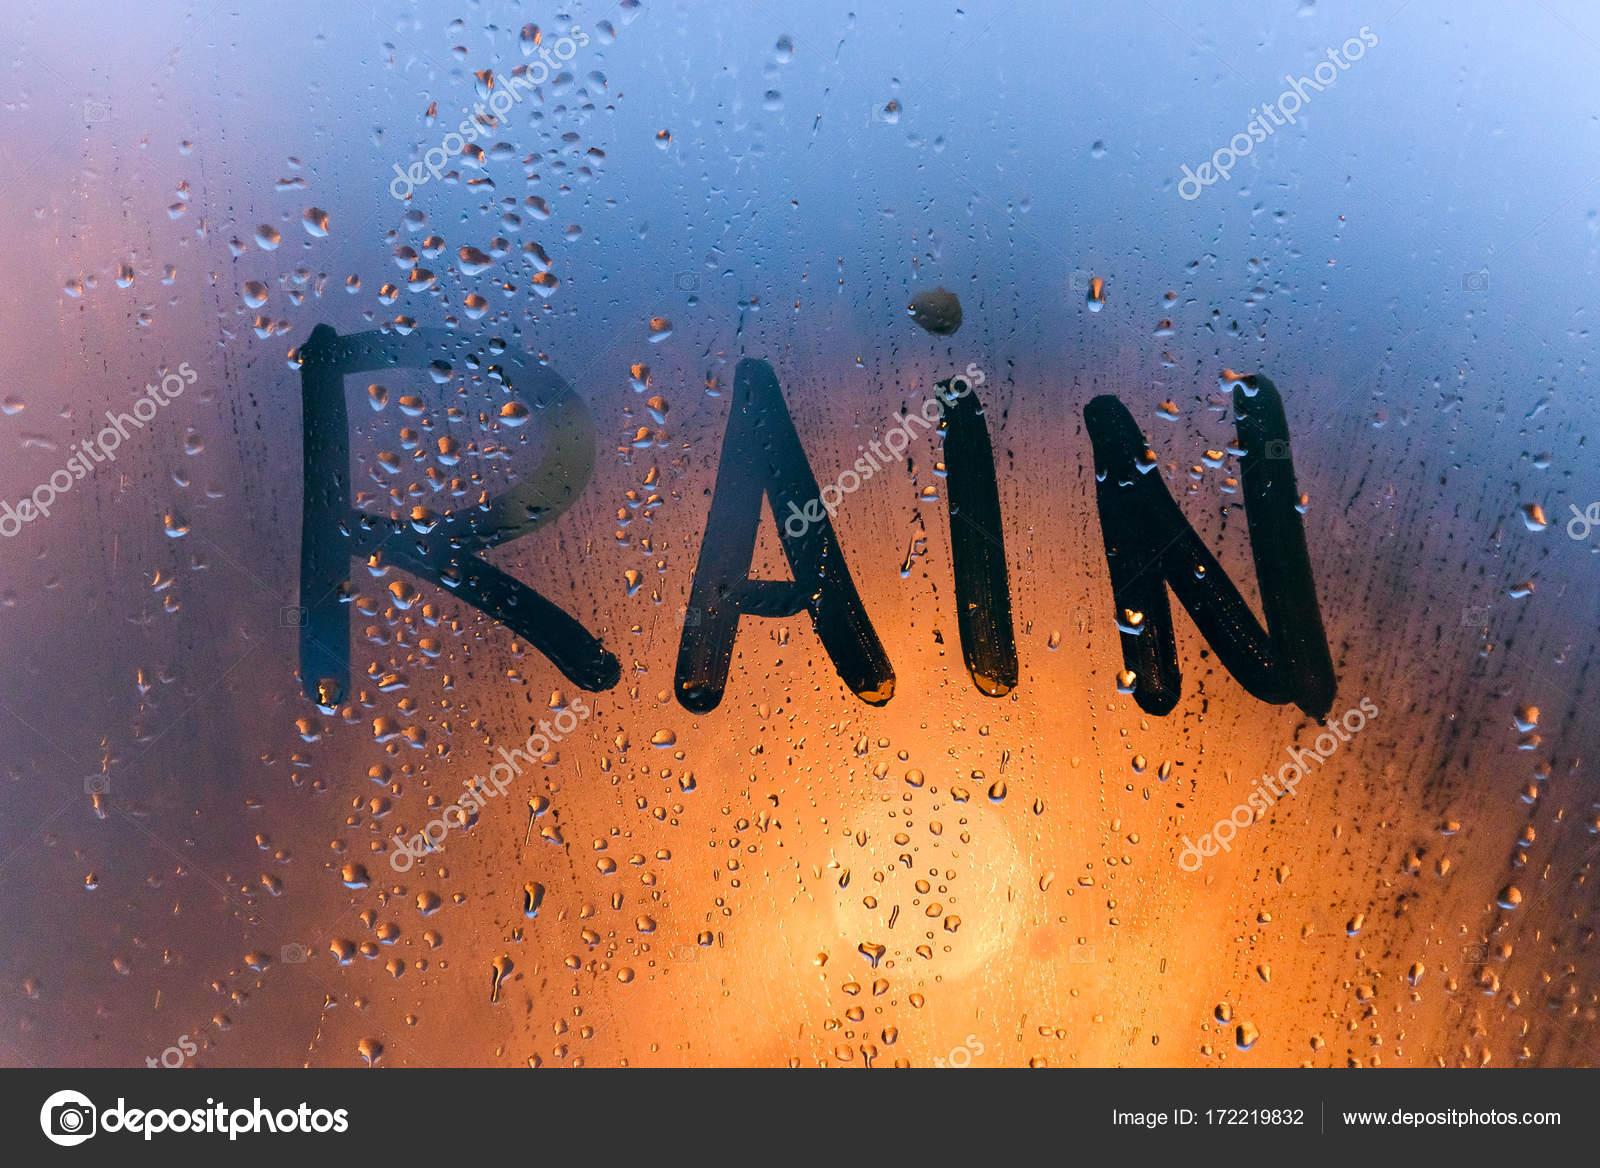 картинки дождь с надписями